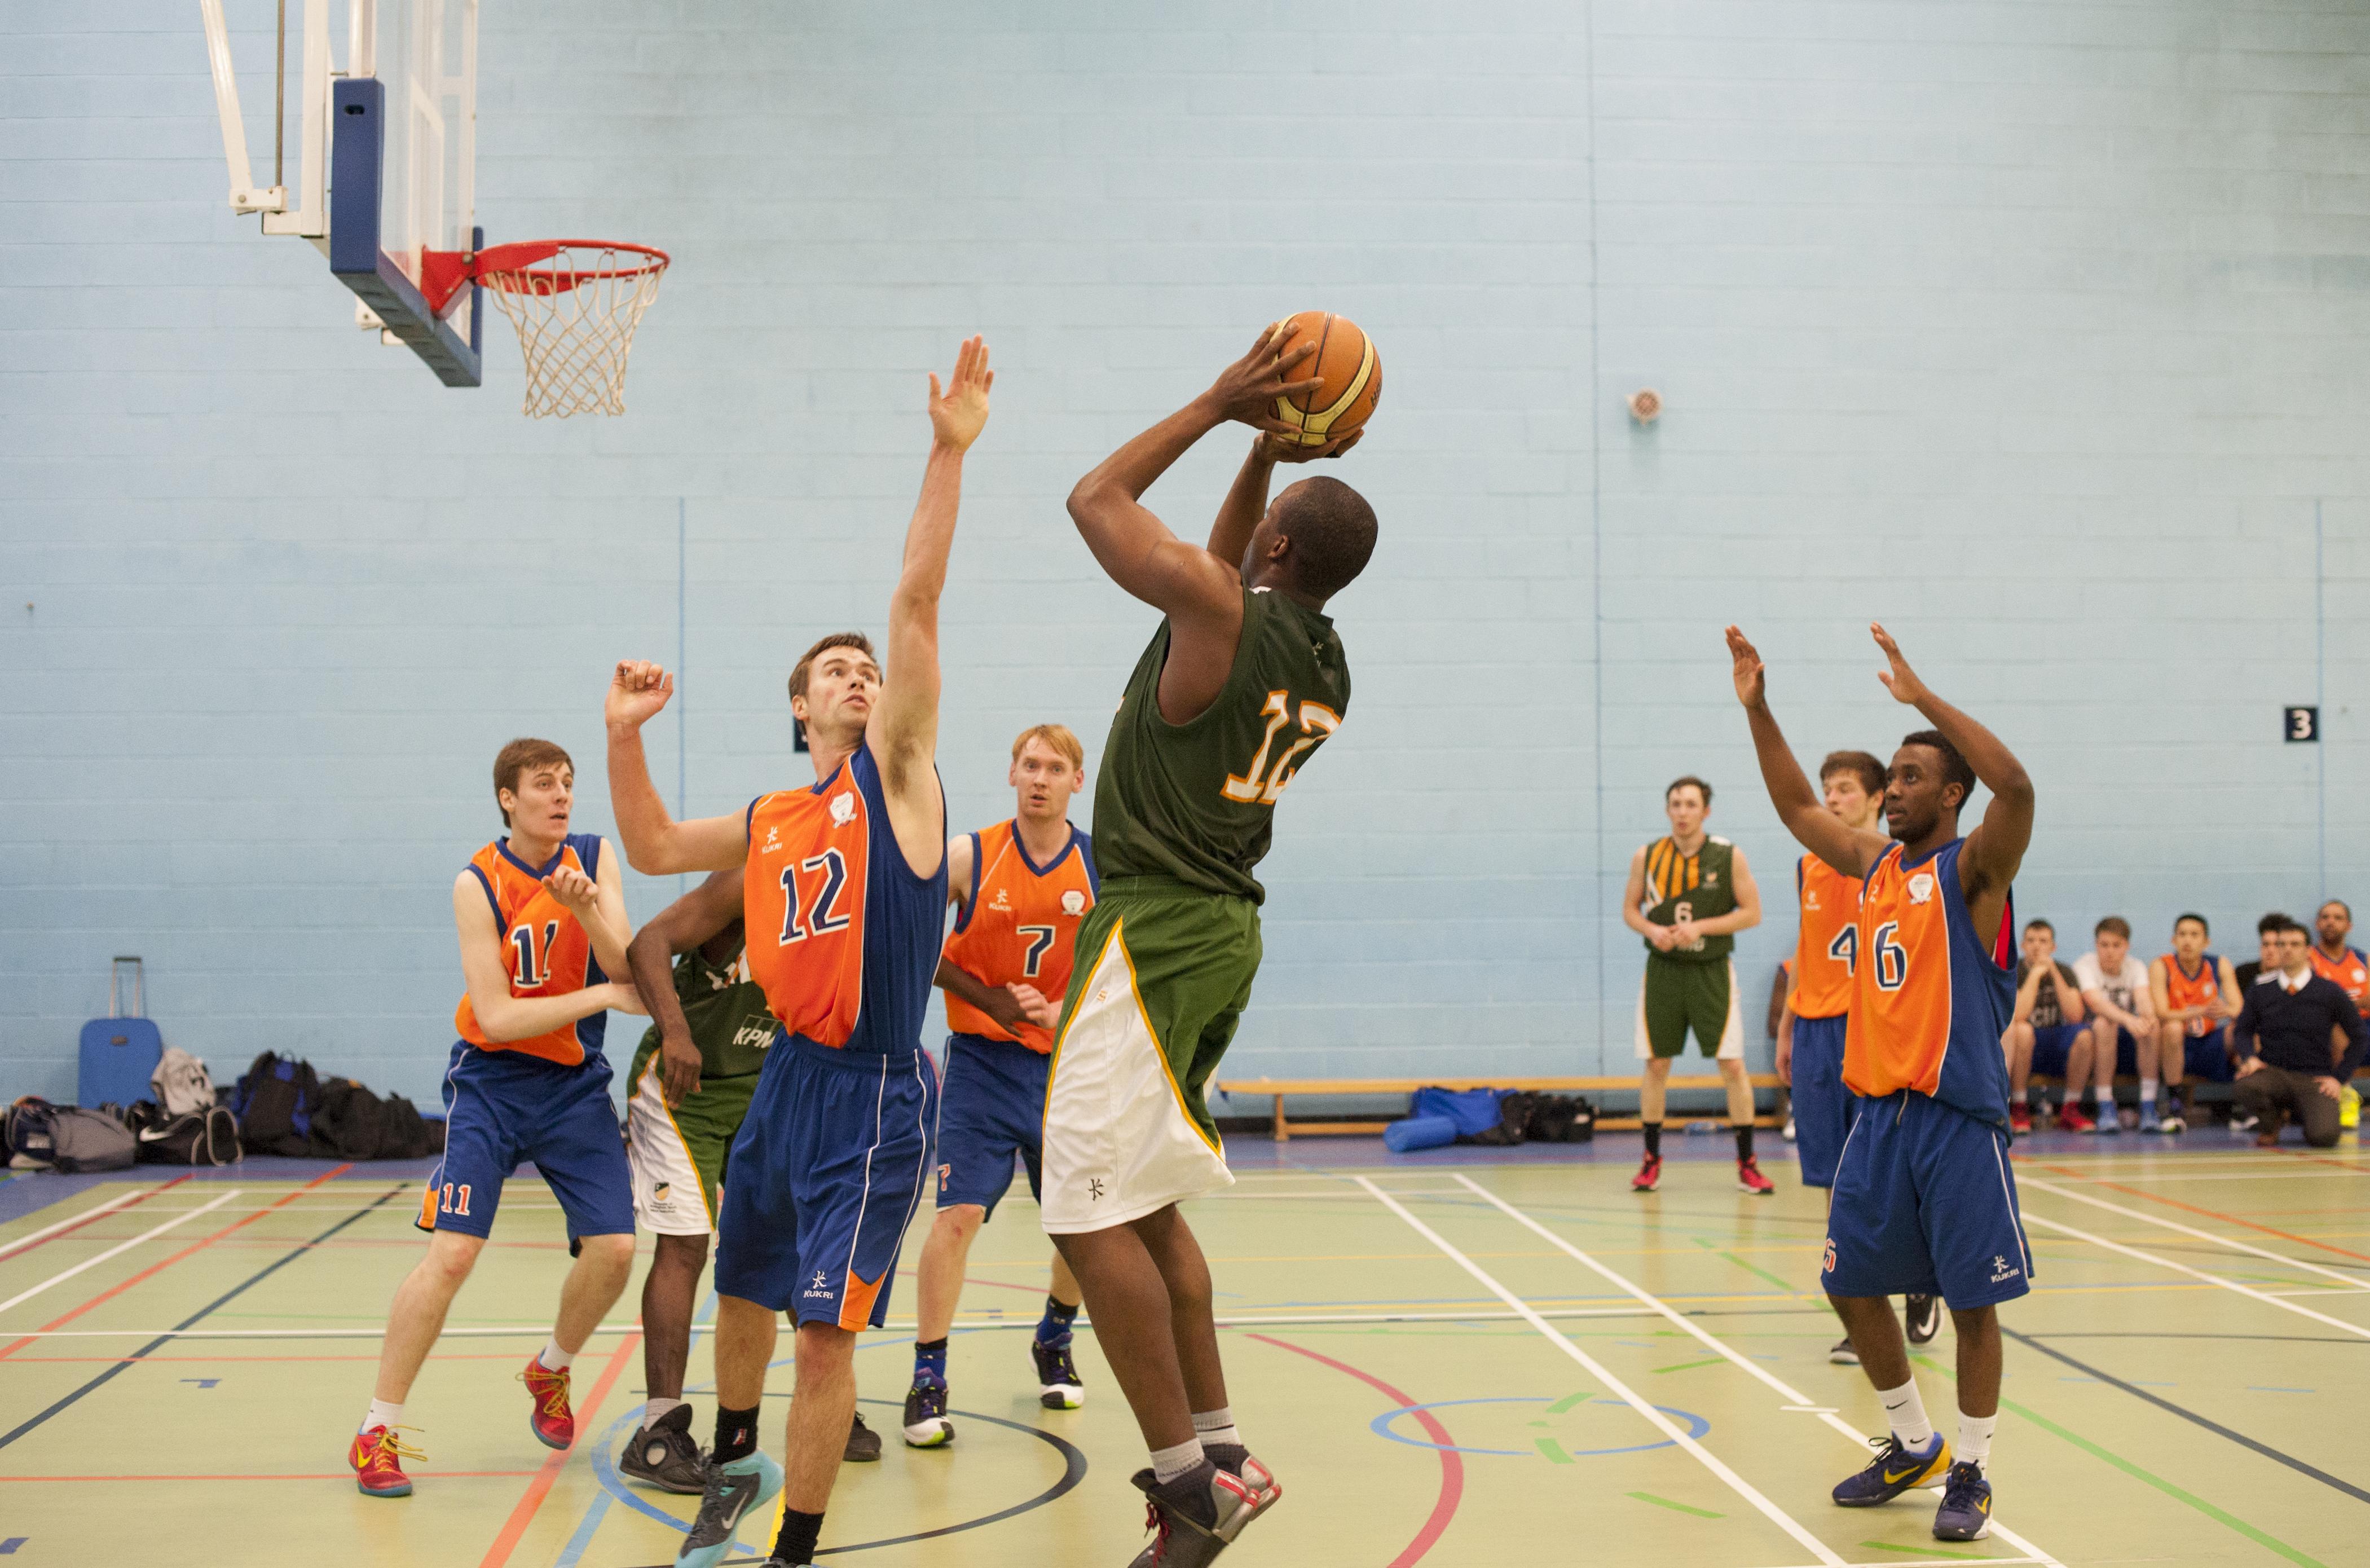 University of Nottingham Men's Basketball